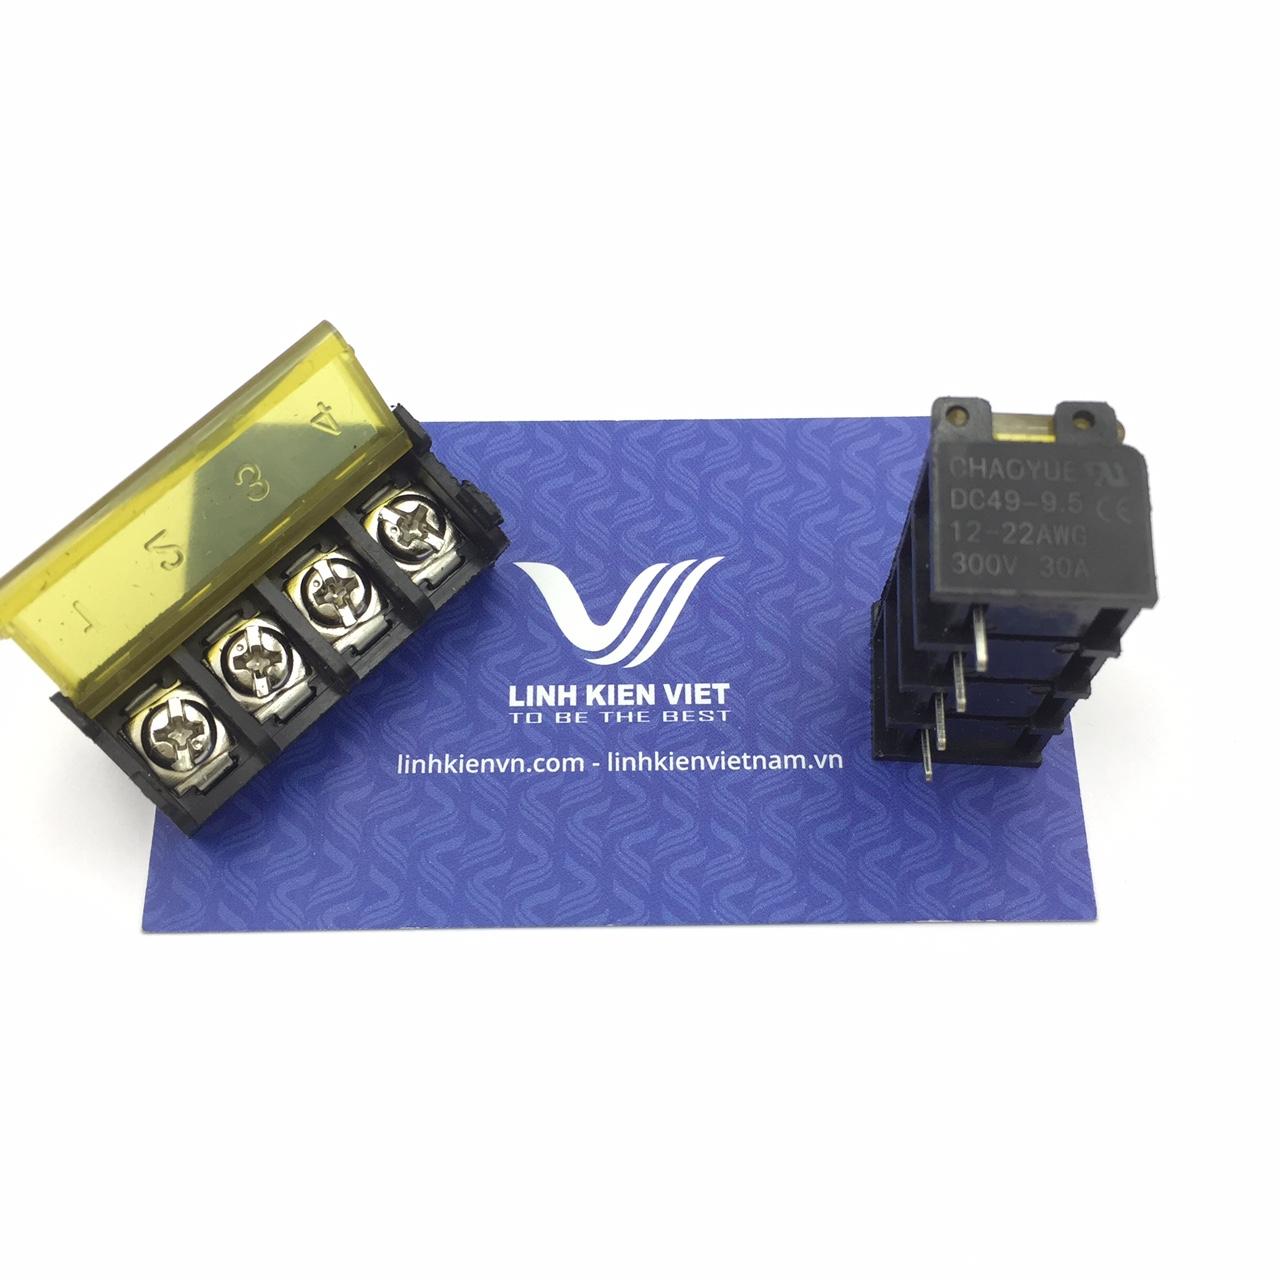 Cầu đấu terminal có nắp đậy HB9500-4P /DC49 - 9.5mm 4P - s1H10